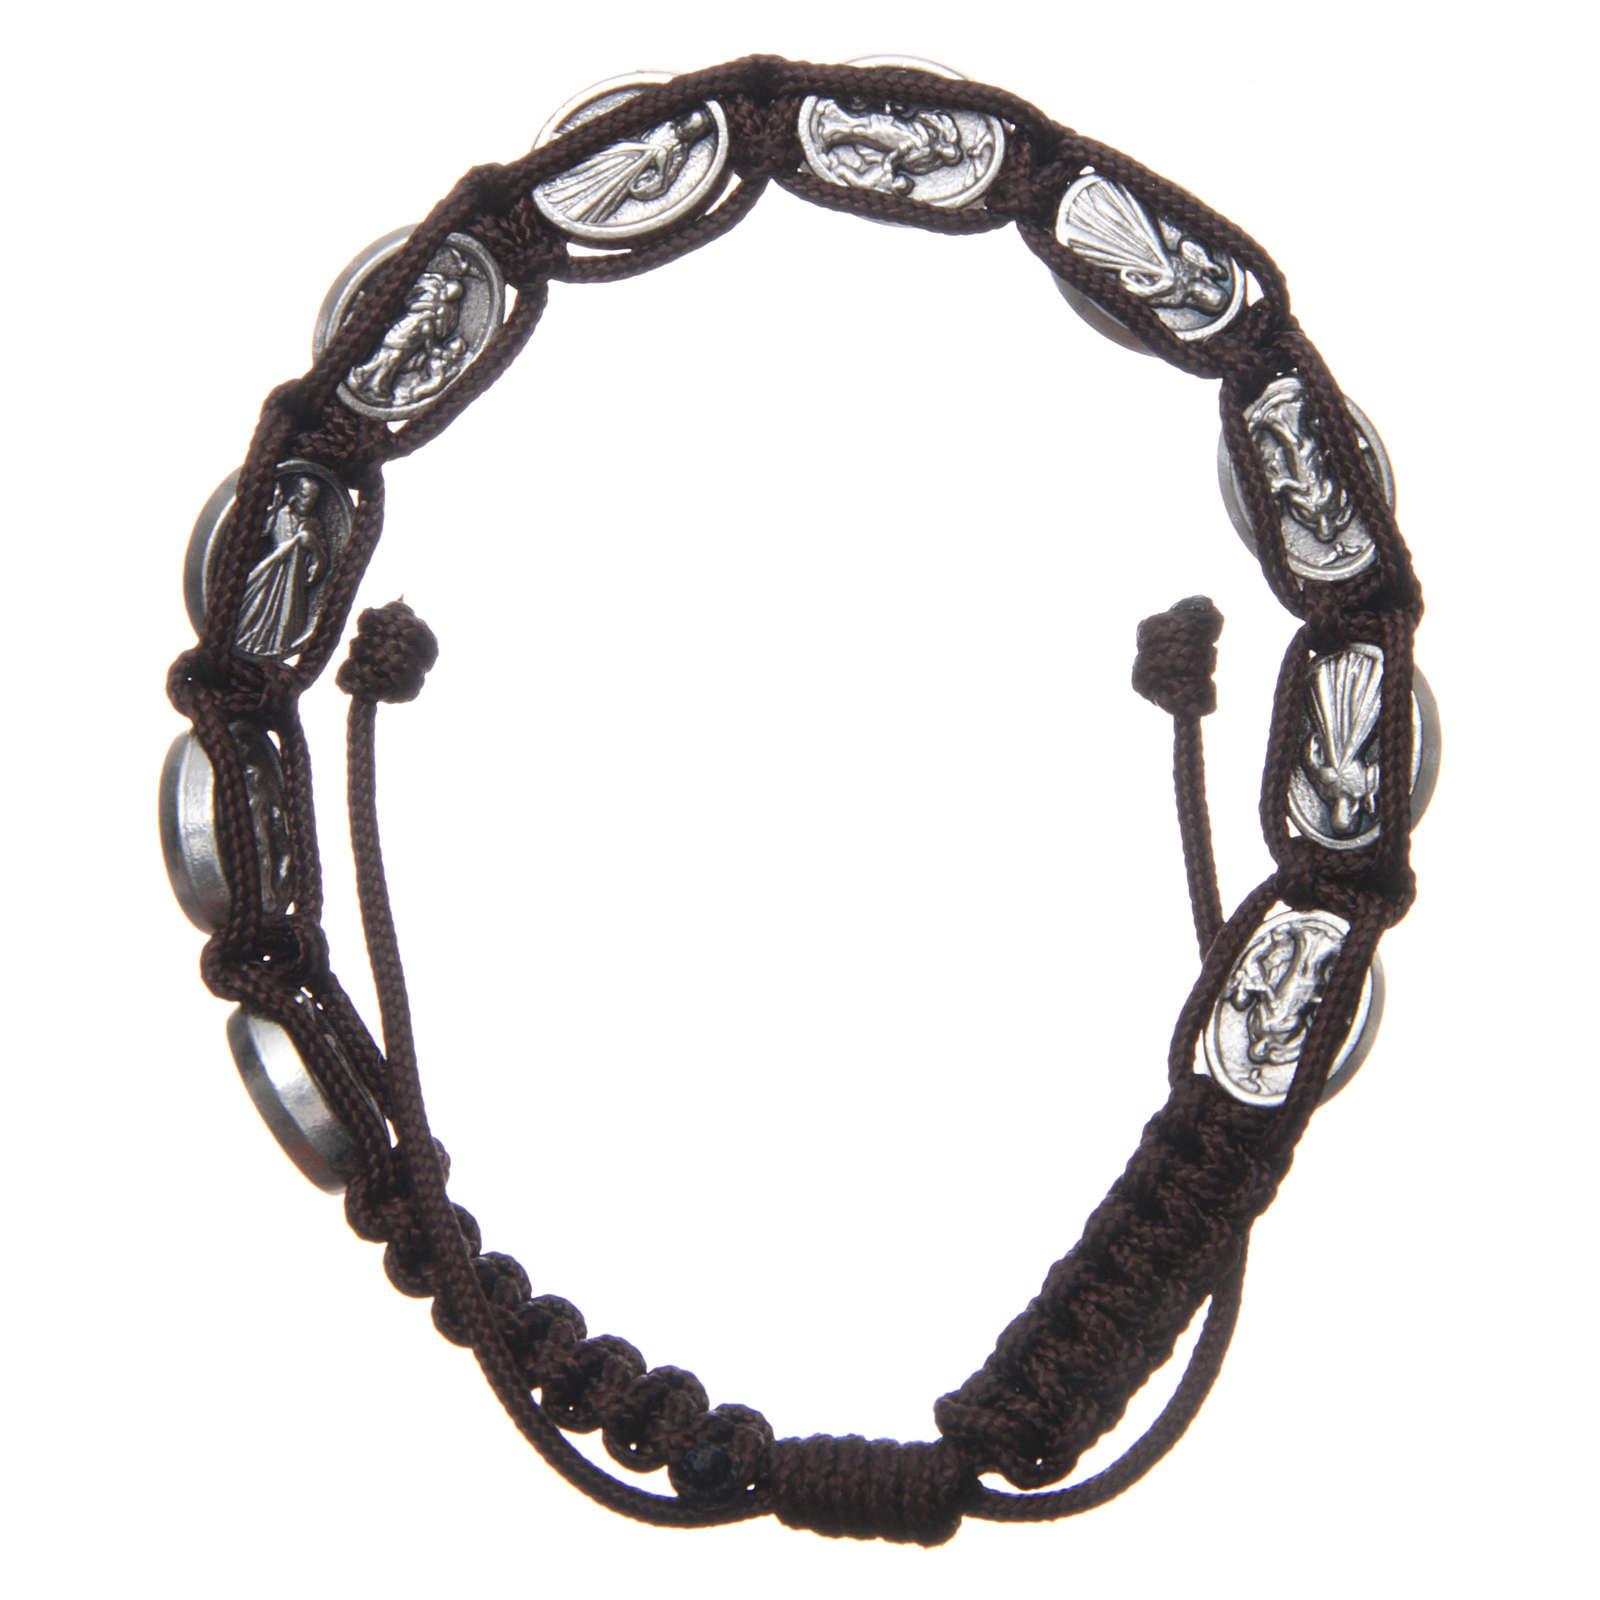 Bracelet Medjugorje médailles Jésus et Vierge corde marron 4